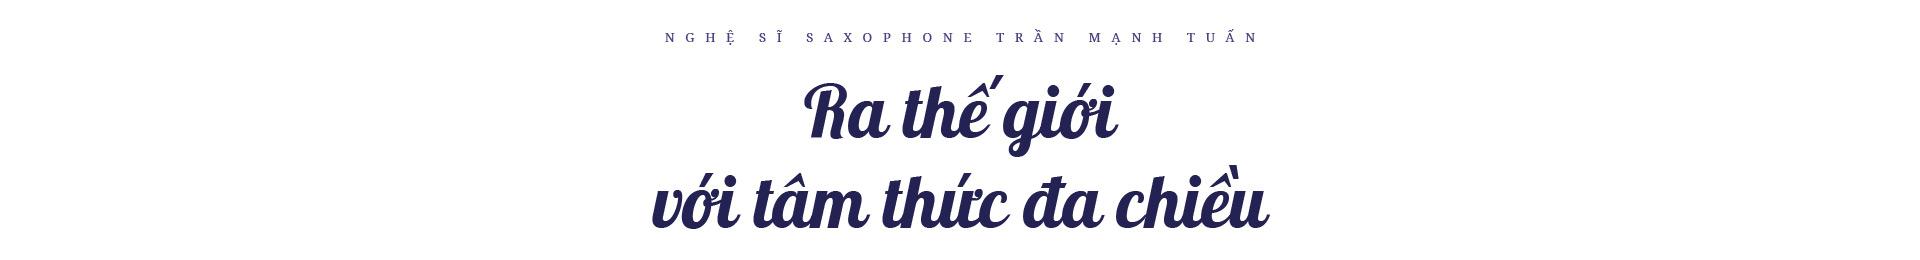 """Nghệ sĩ saxophone Trần Mạnh Tuấn: """"Diễn giữa không gian bệnh viện dã chiến là điều đặc biệt nhất trong đời"""" - Ảnh 10."""